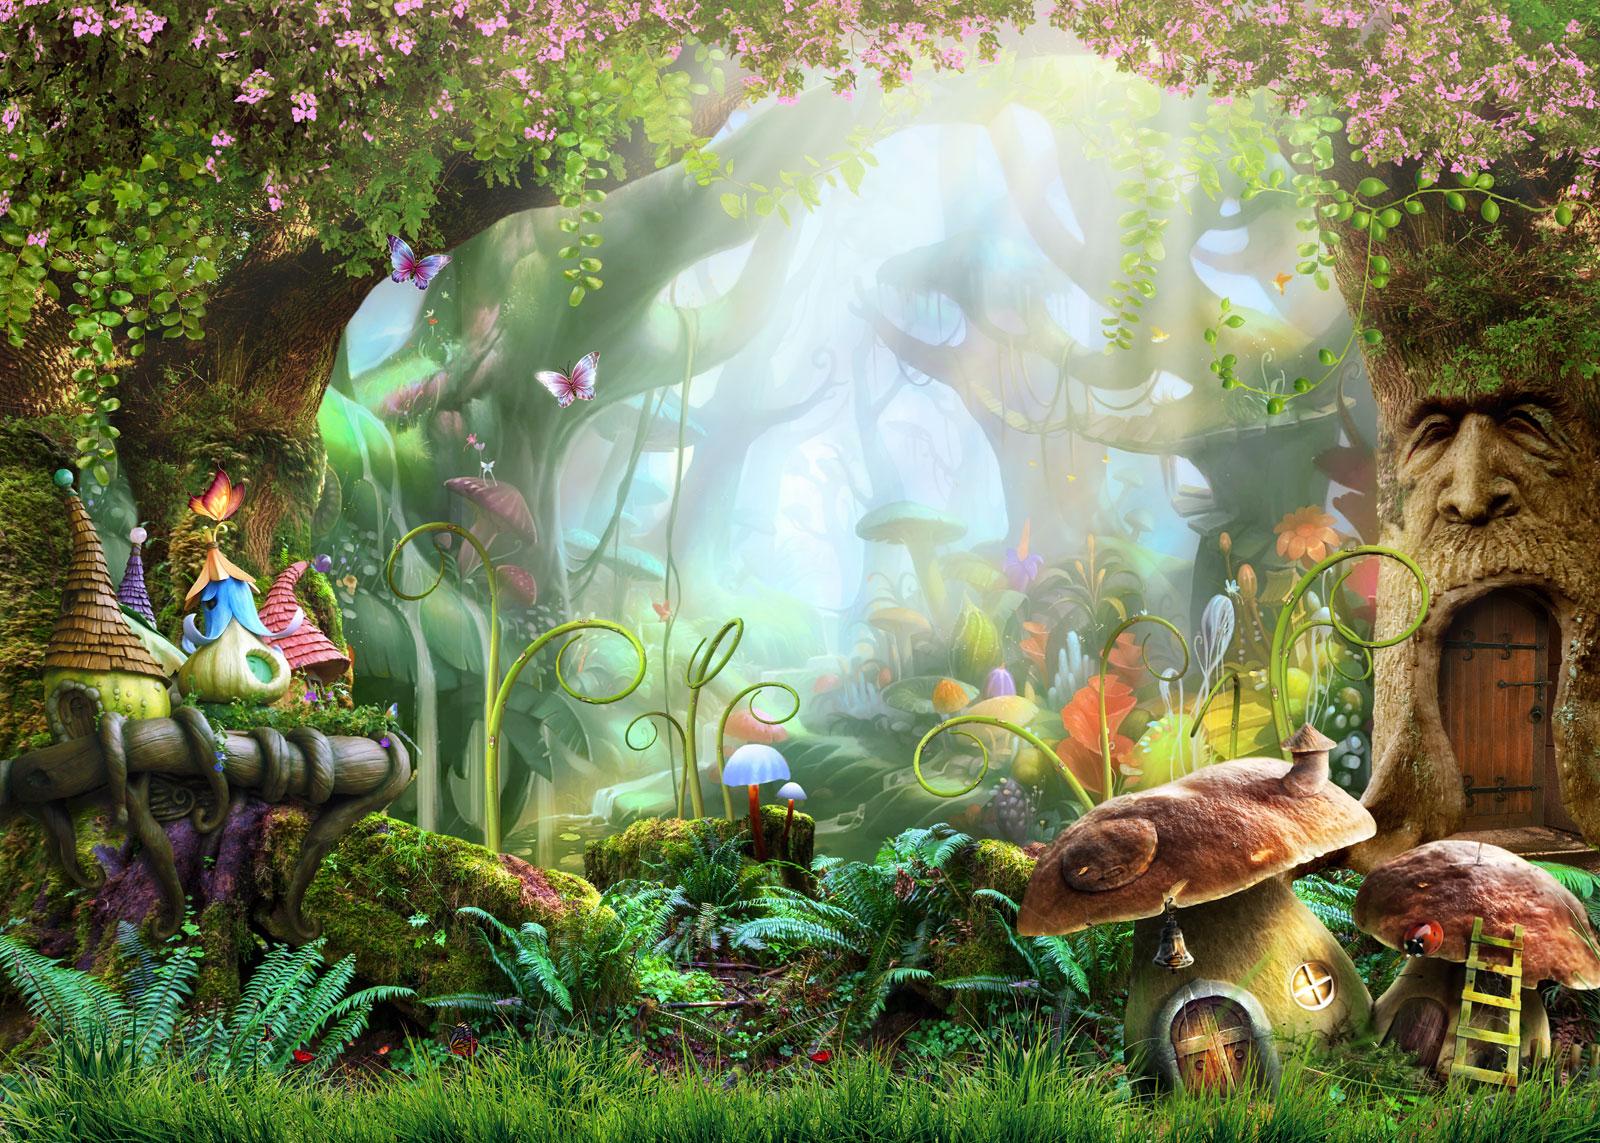 Imagen de un bosque infantil